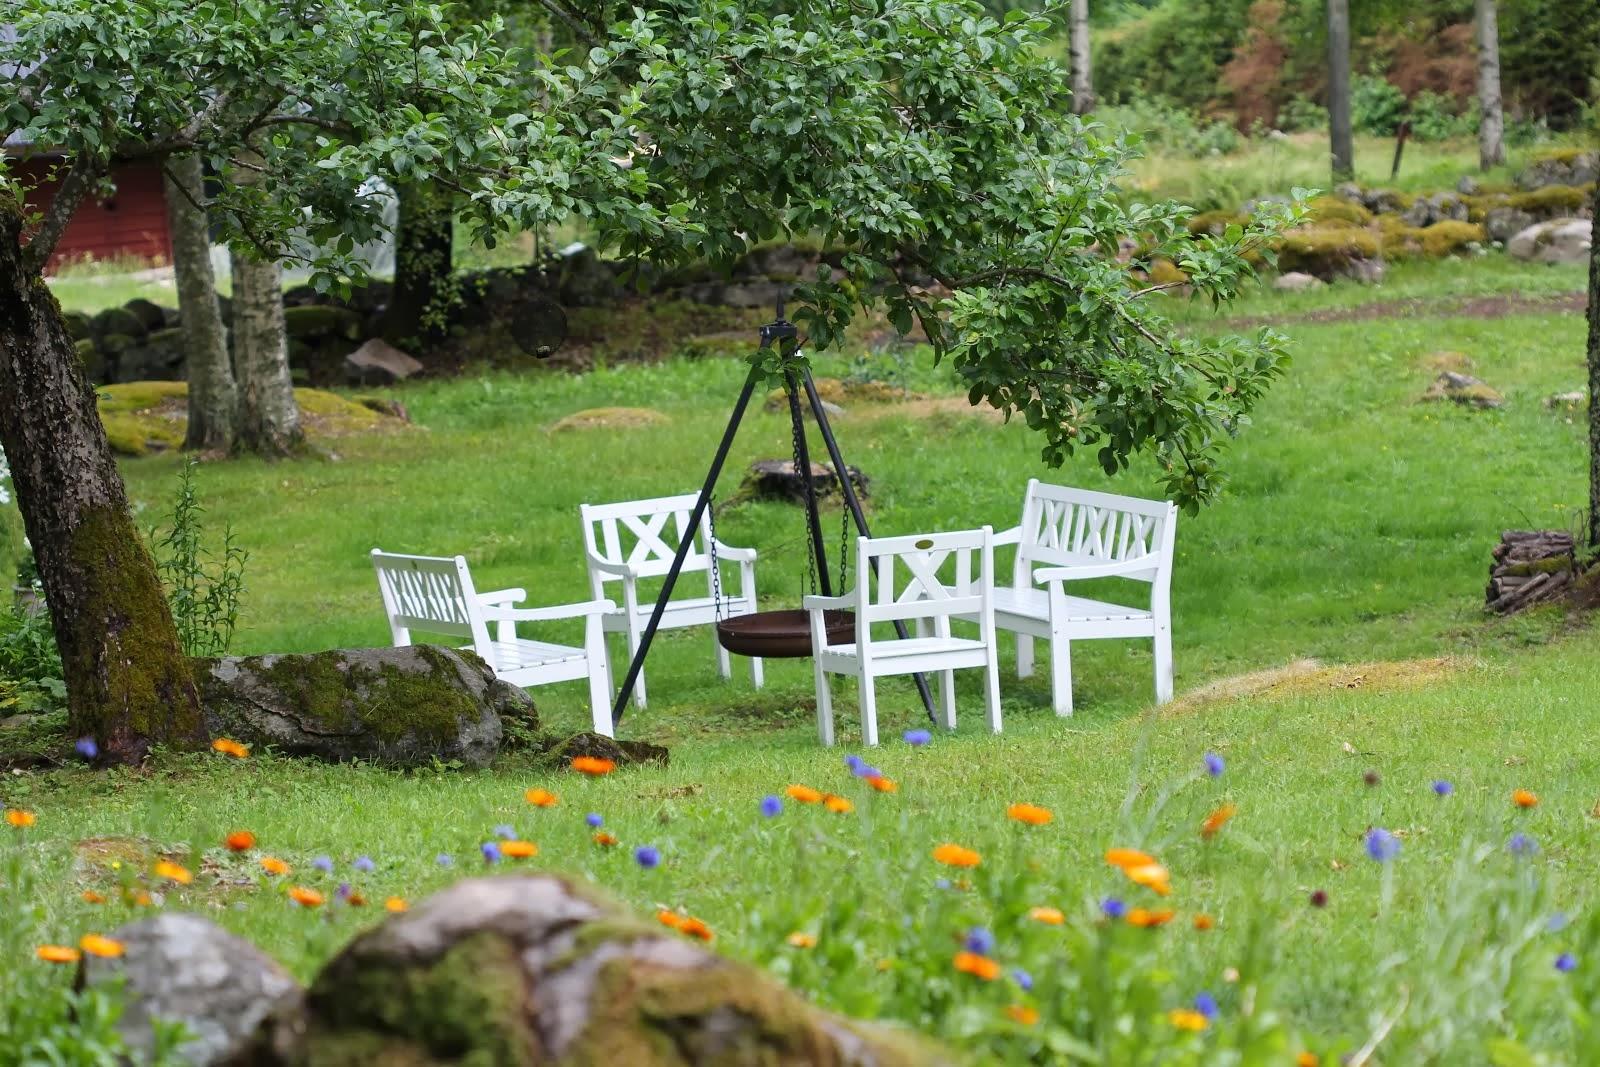 Nede i hagen